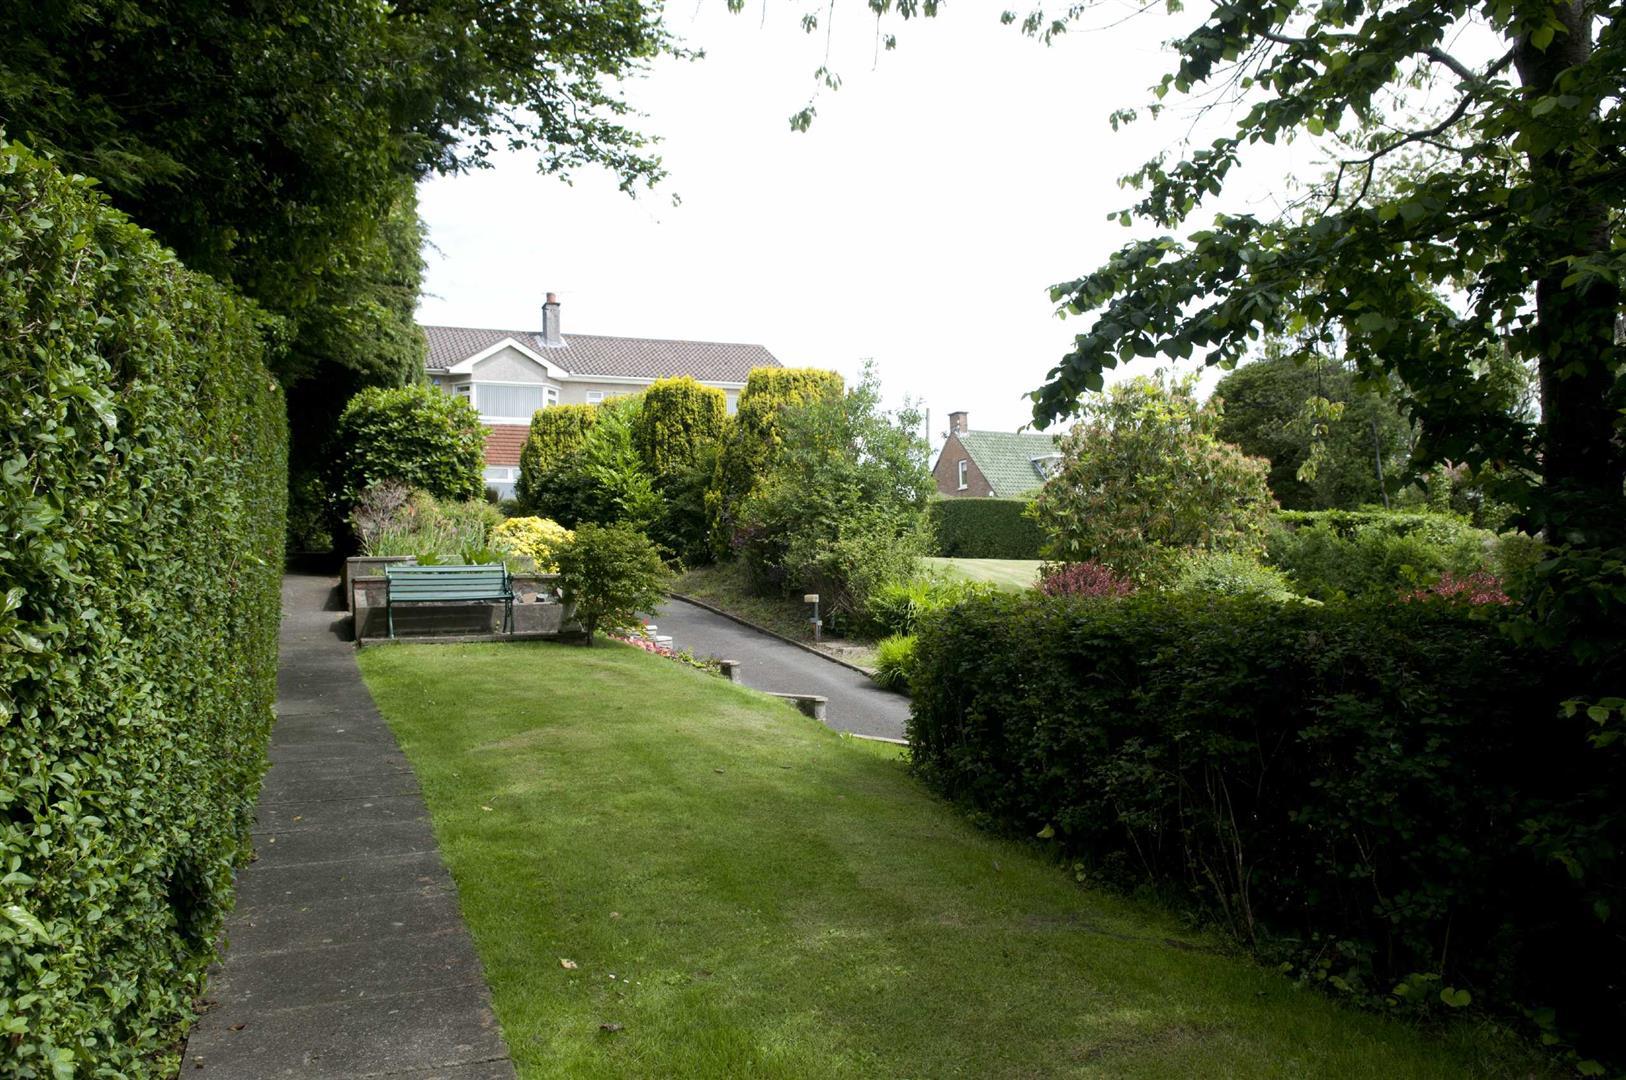 Gower Road, Sketty, Swansea